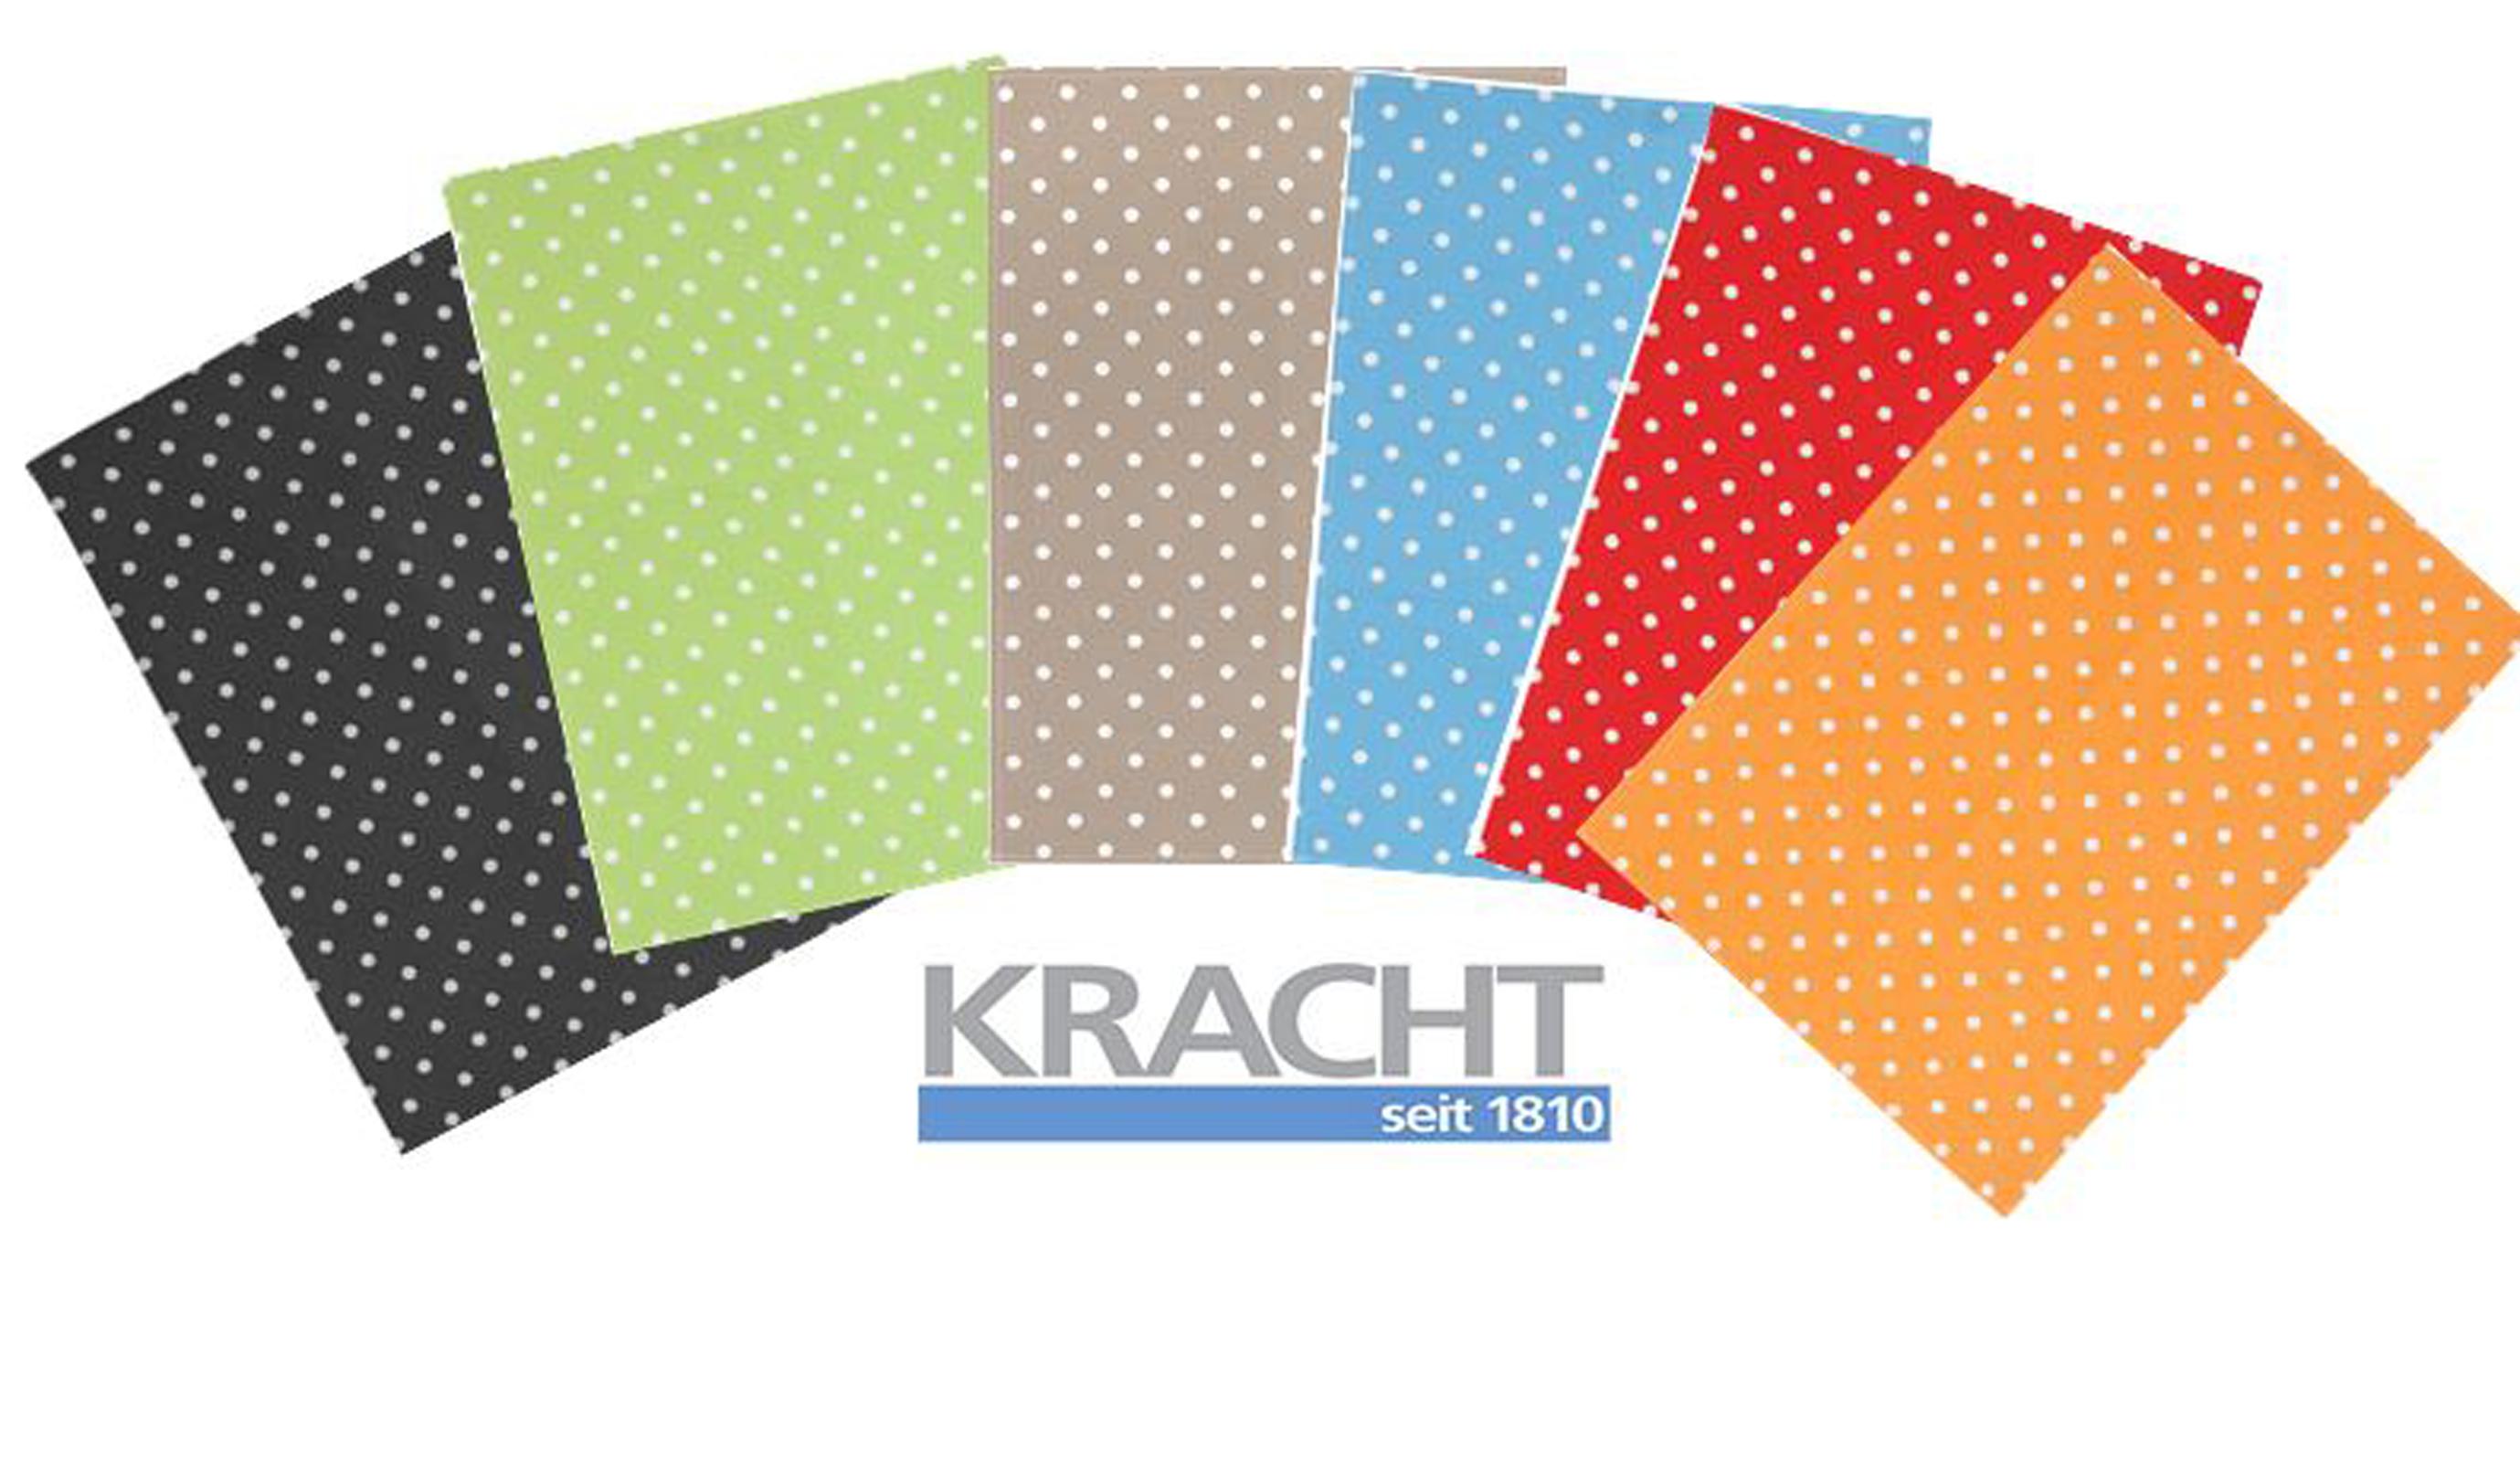 Küchentextilien - 3er Pack Kracht Halbleinen Geschirrtuch 50x70 Punkte 2 360  - Onlineshop PremiumShop321